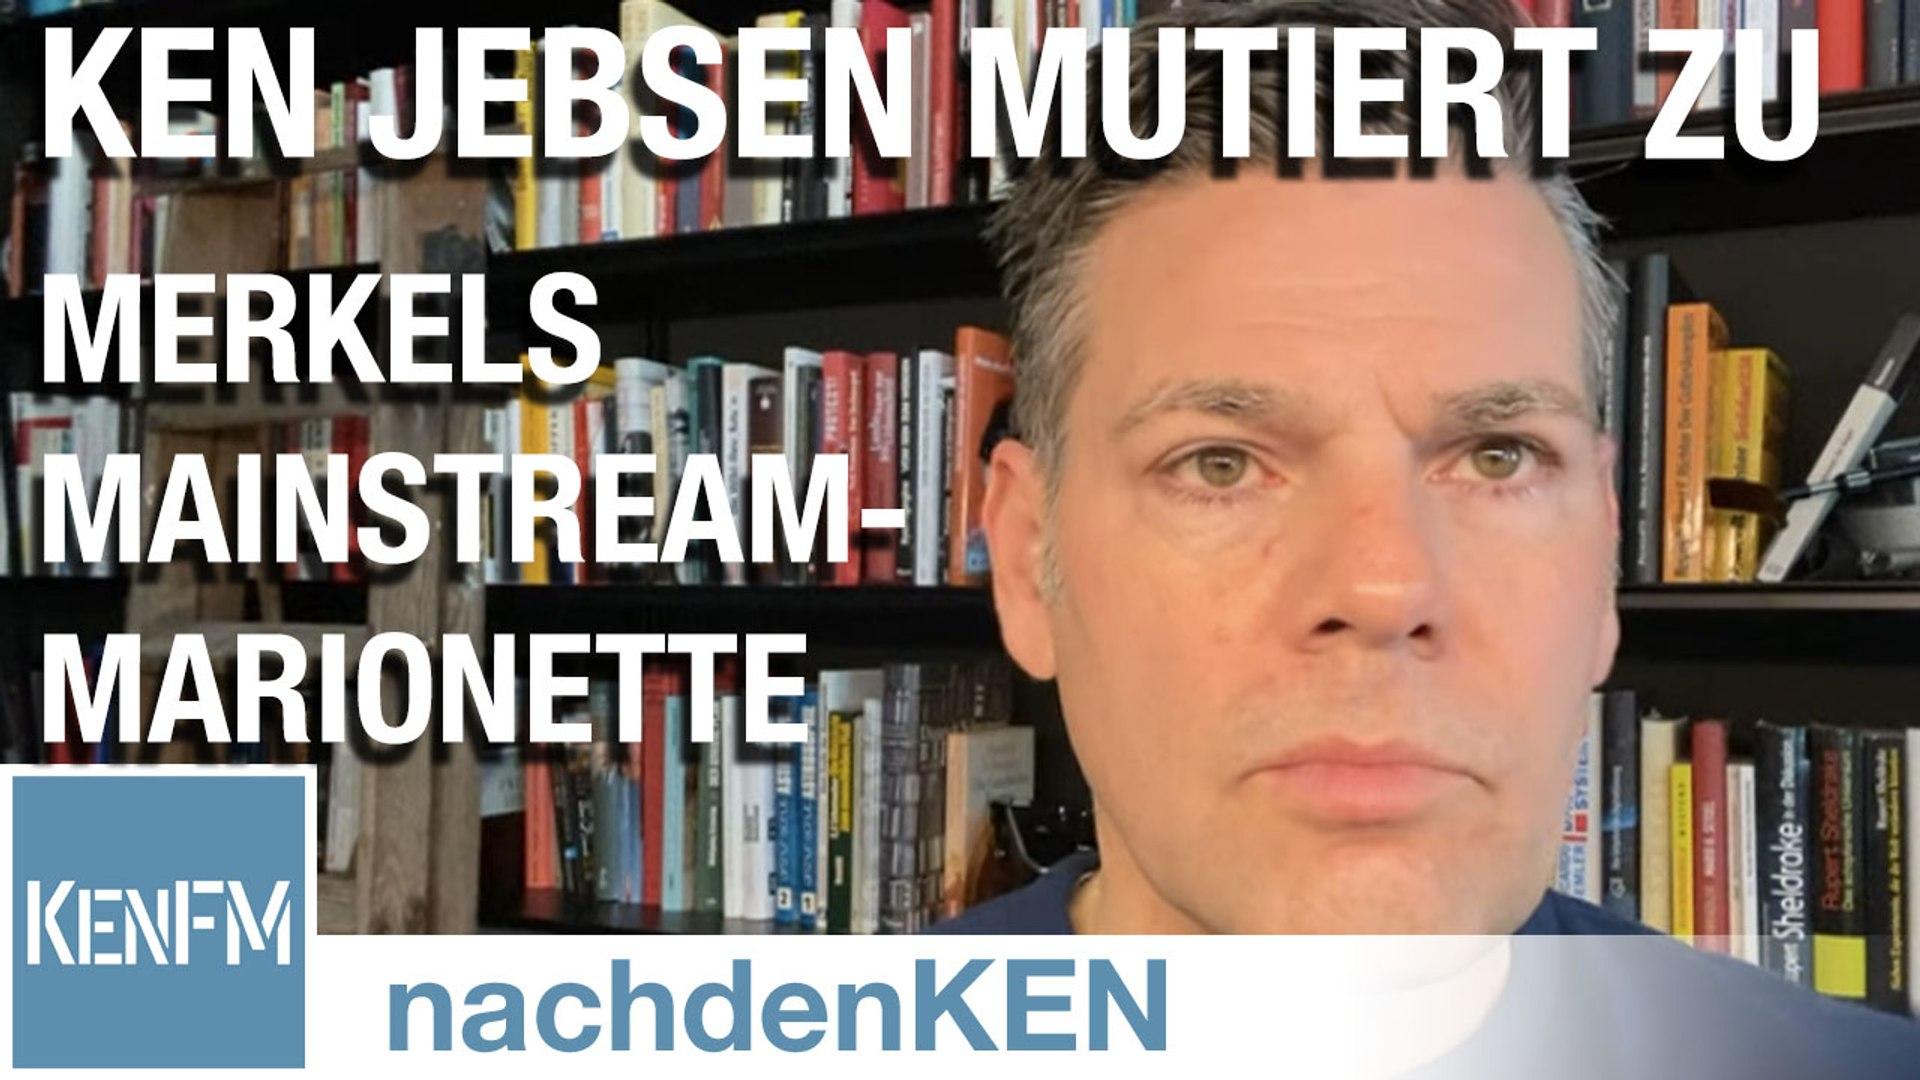 Ken Jebsen mutiert zu Merkels Mainstream-Marionette und wirbt offensiv für ihre Politik